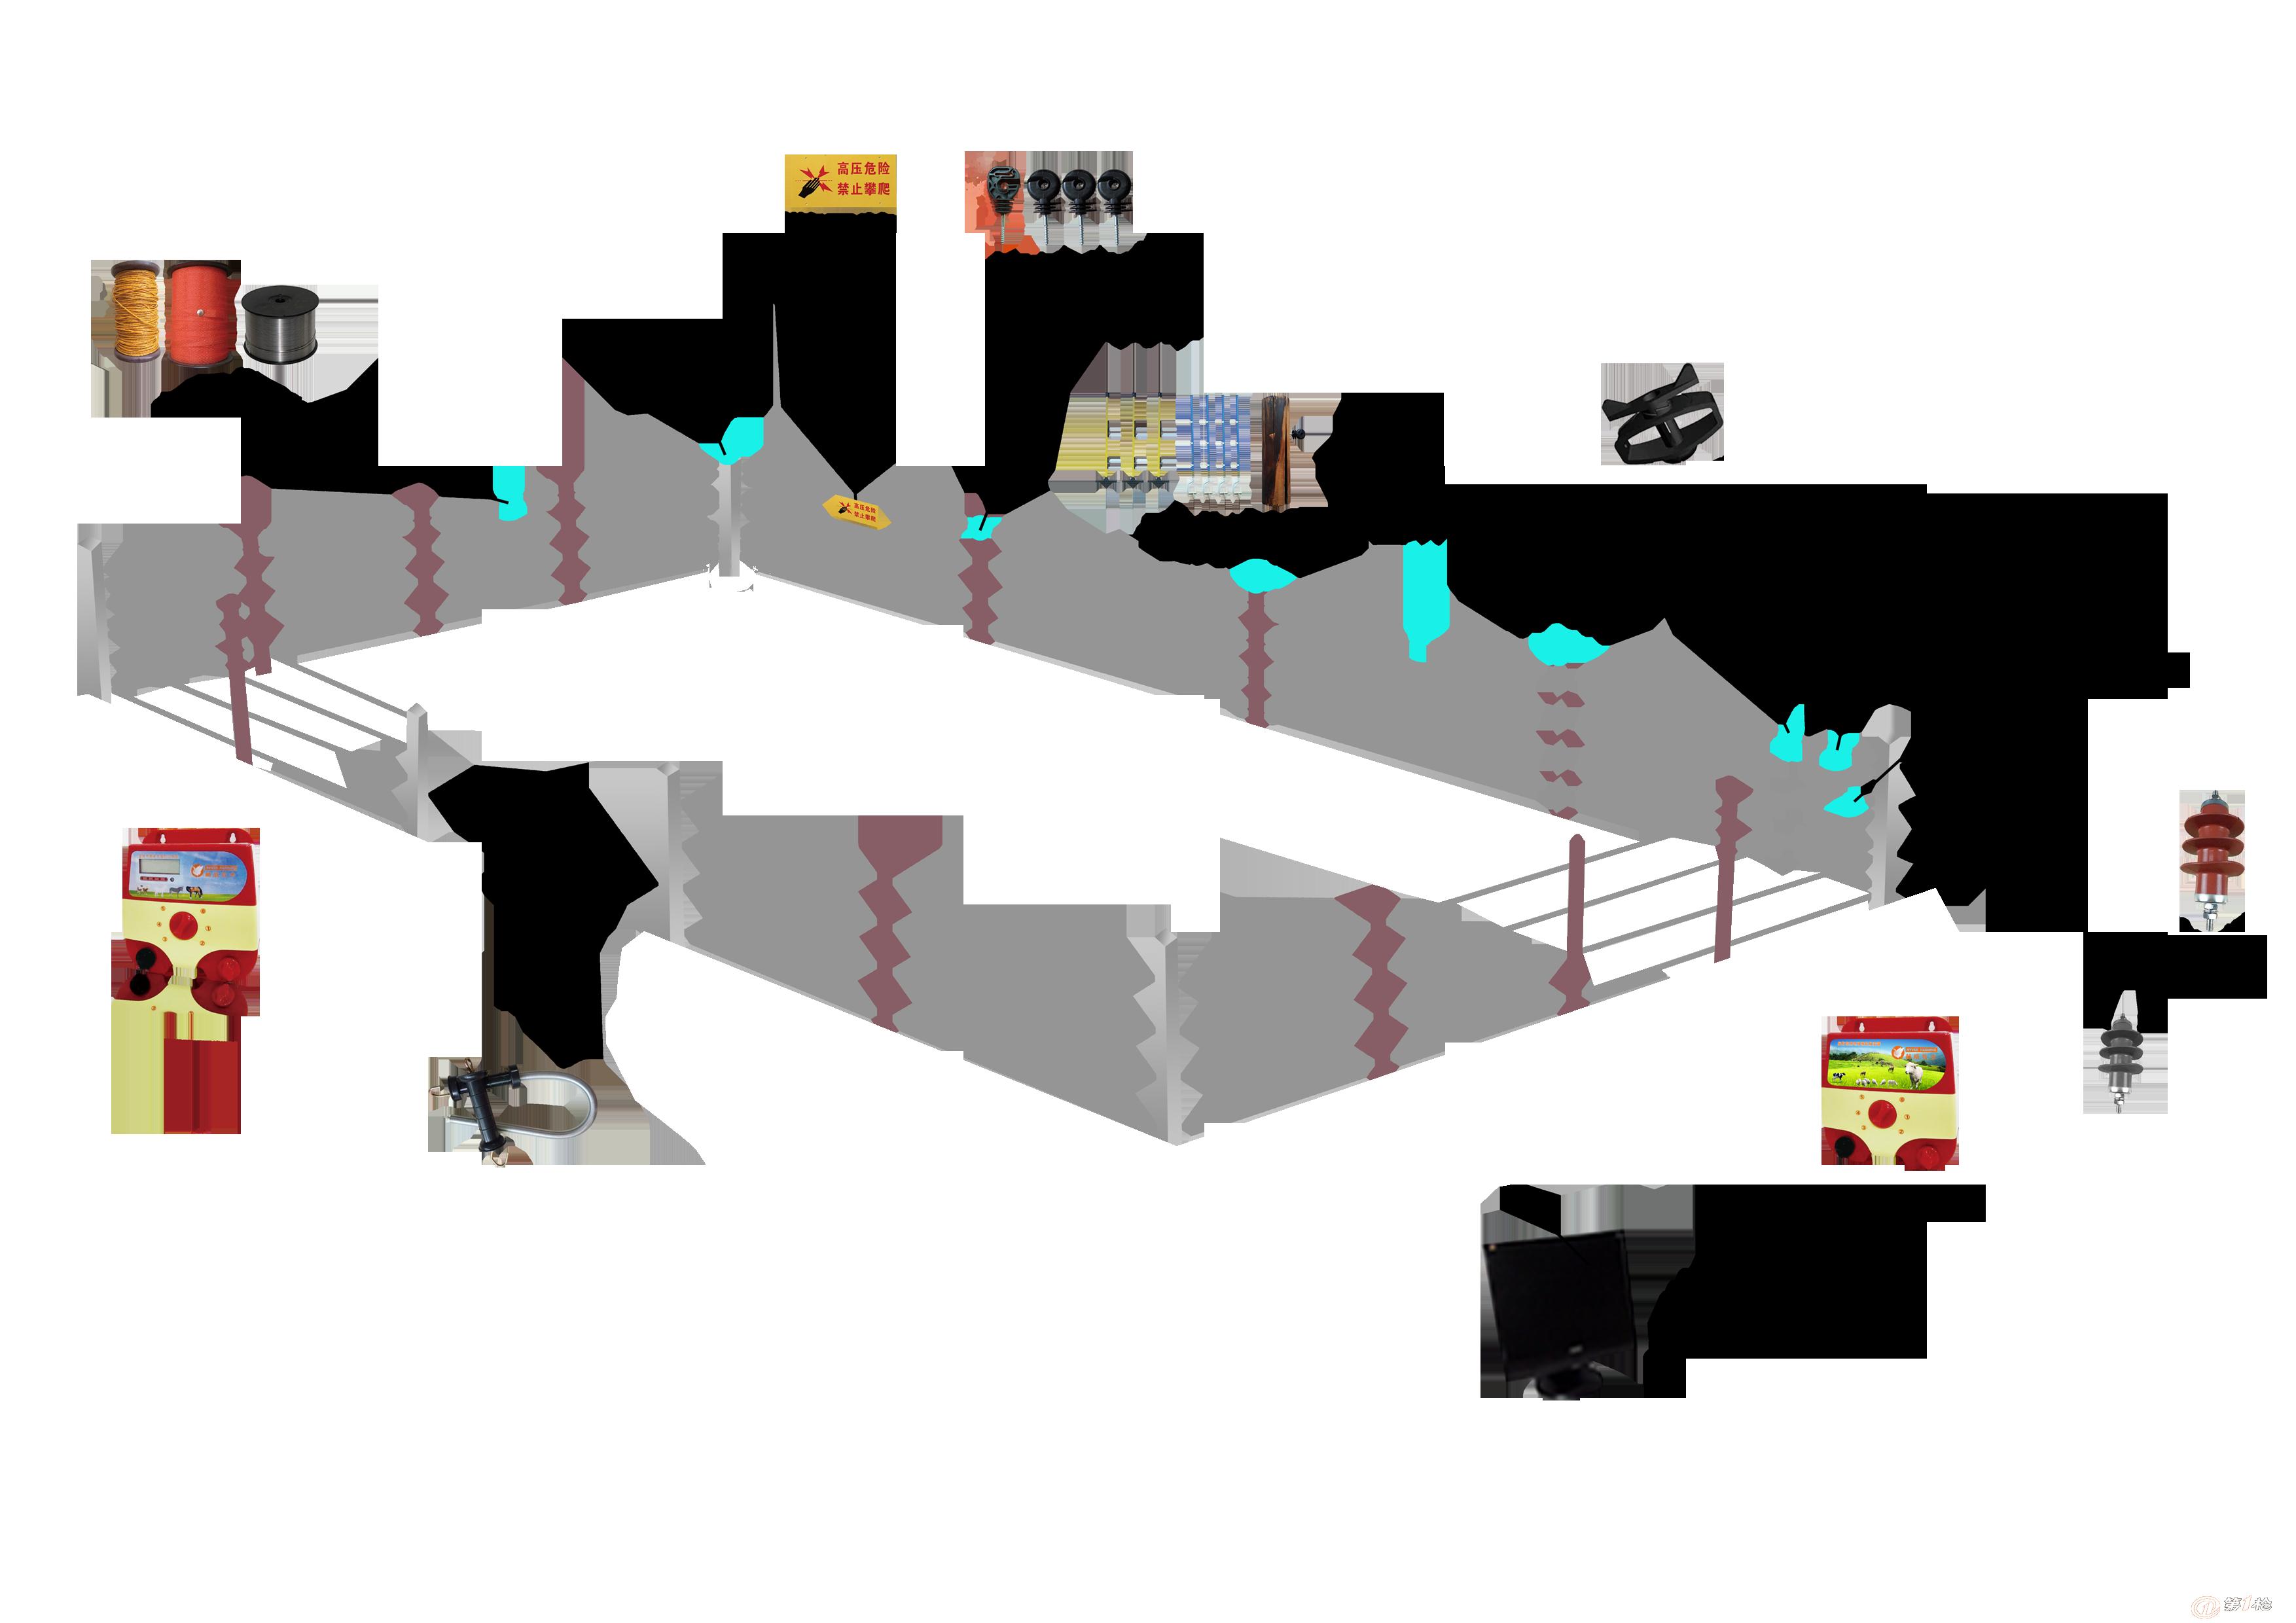 畜牧电子脉冲围栏 节省管理者体力及时间解放传统放牧